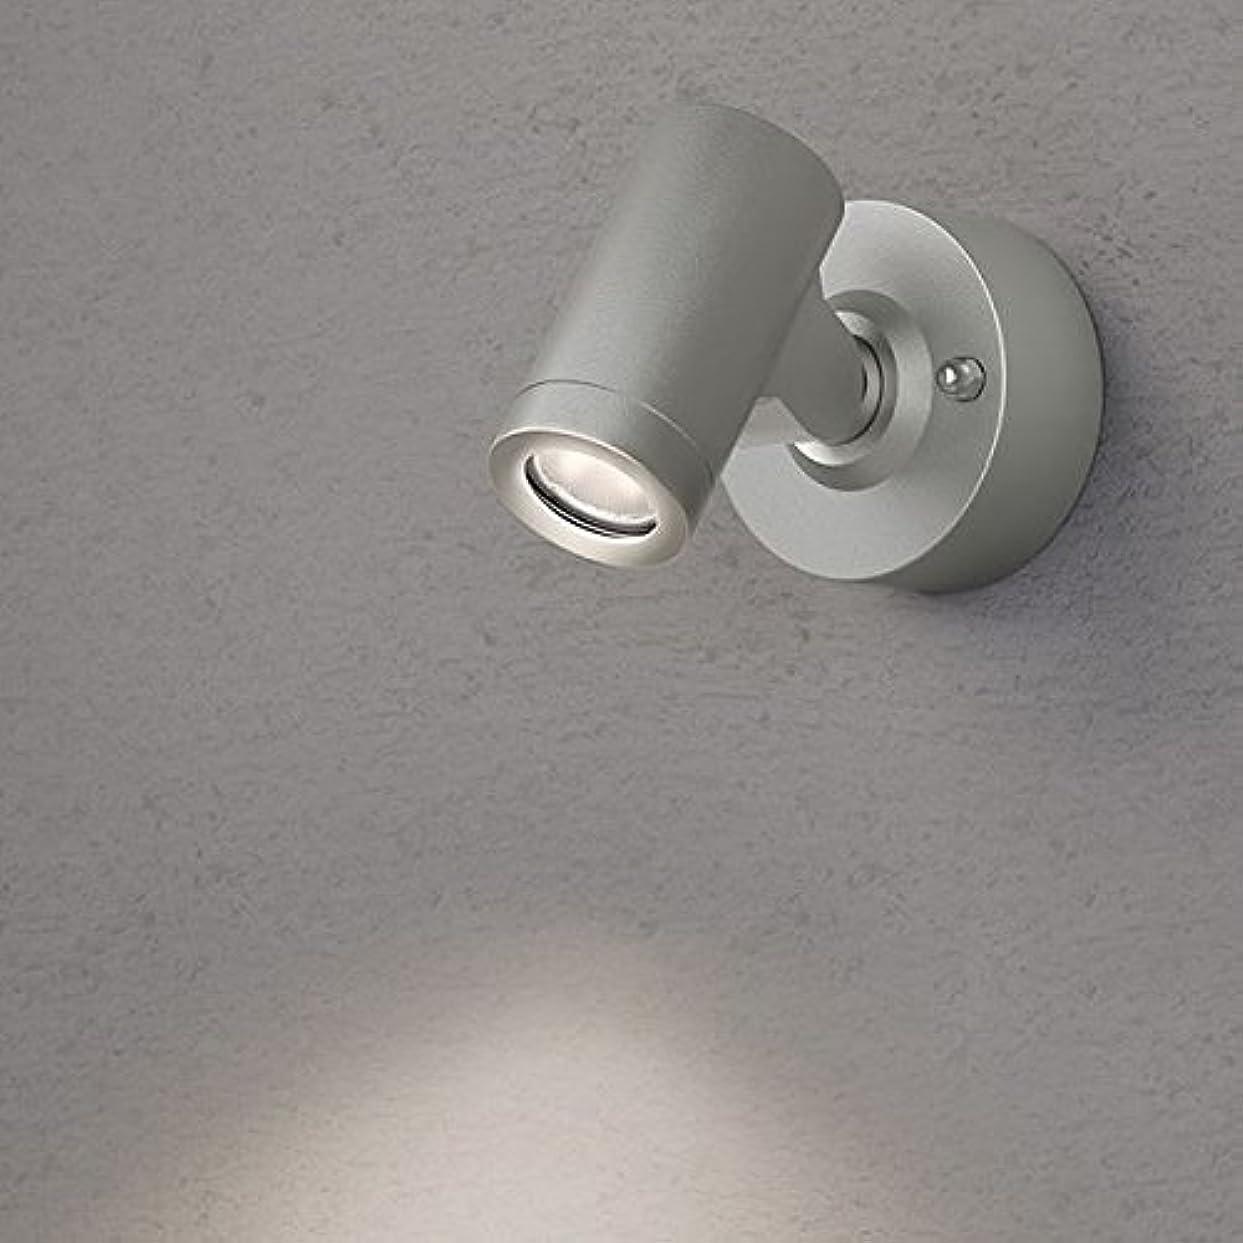 分割知覚ラベルタカショー ウォールライト(ローボルト) エクスレッズ スポットウォールライト1型 HBA-D06S #73023000 *LED交換不可 『エクステリア照明 ライト』 シルバー/LED色(電球色)